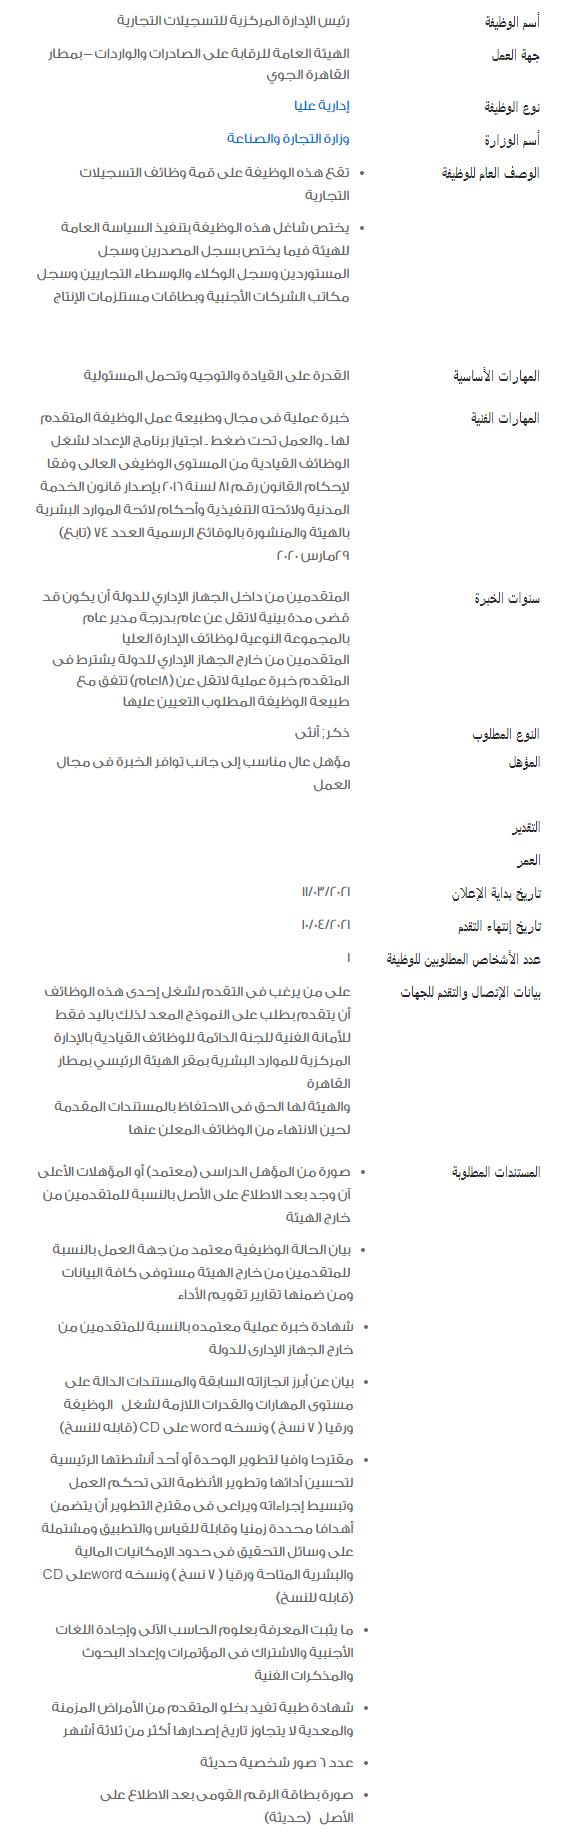 وظائف الحكومة المصرية لشهر أبريل 2021 وظائف بوابة الحكومة المصرية 2